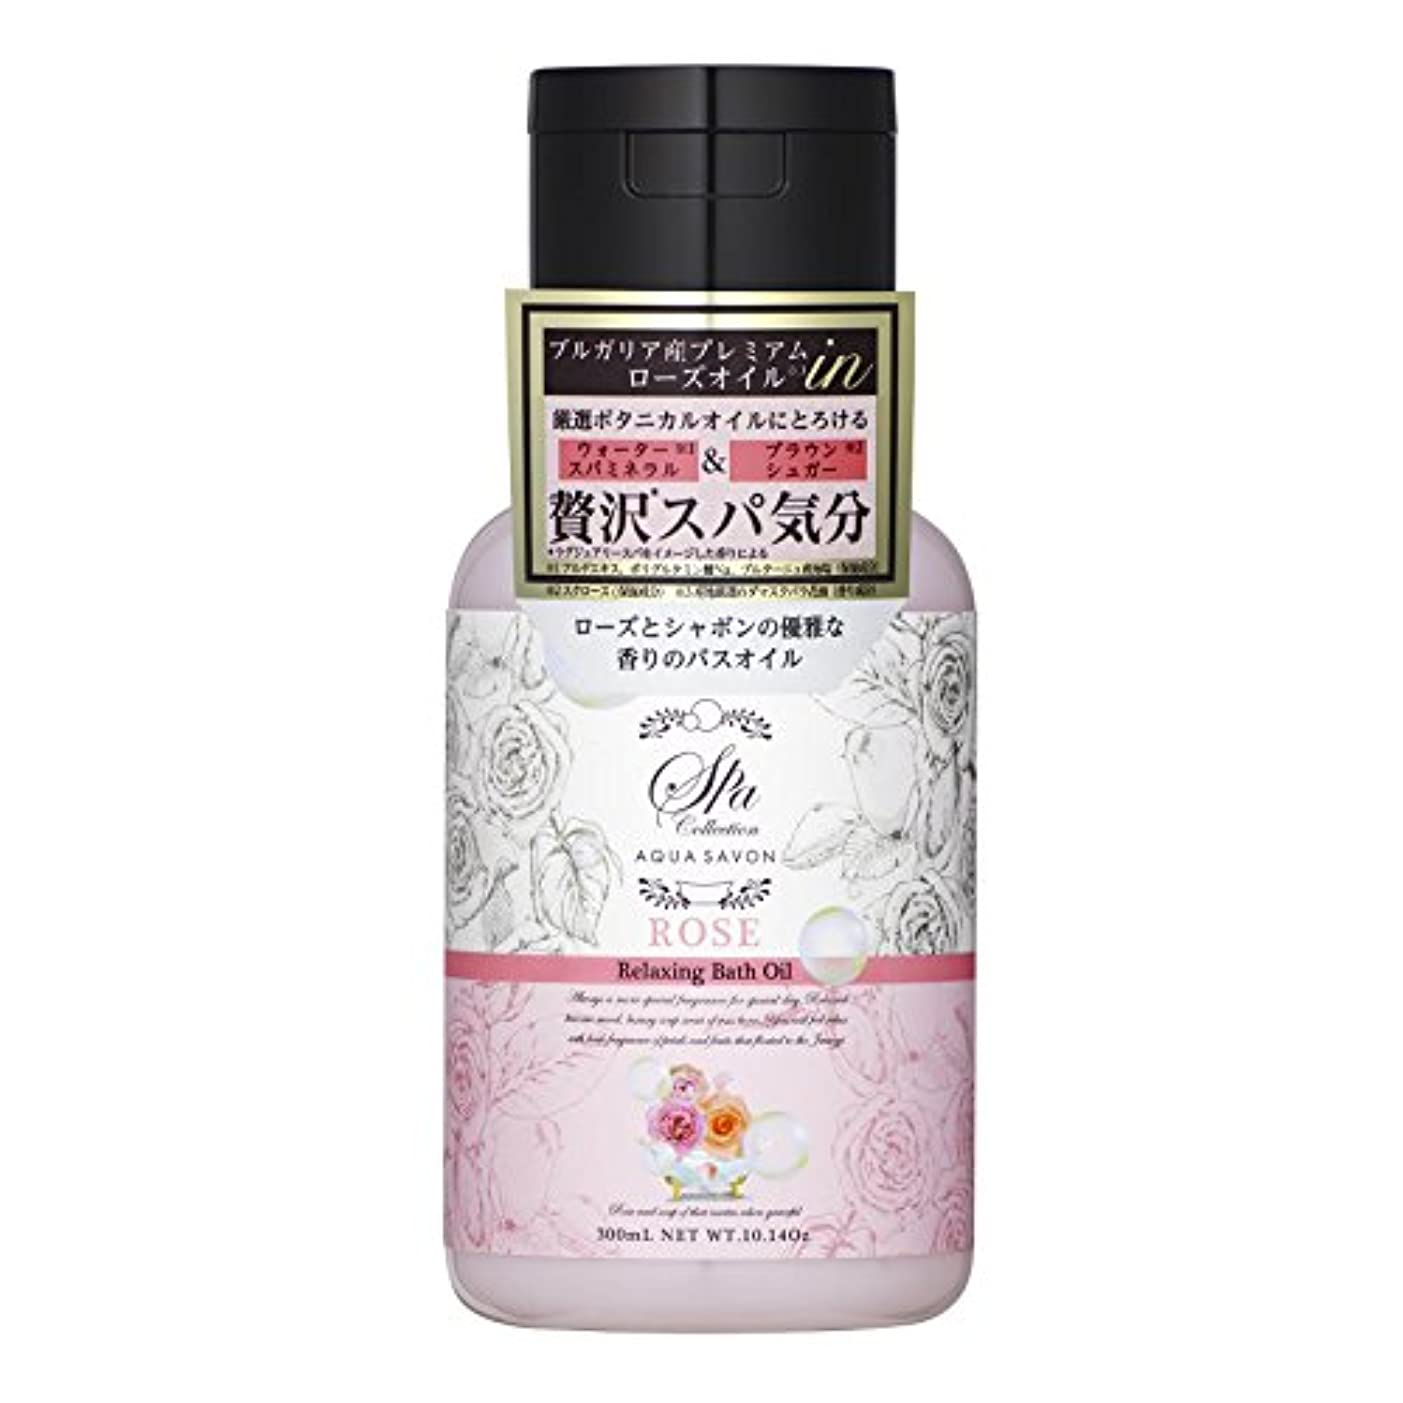 神経衰弱悪性スマートアクアシャボン スパコレクション リラクシングバスオイル ローズスパの香り 300mL